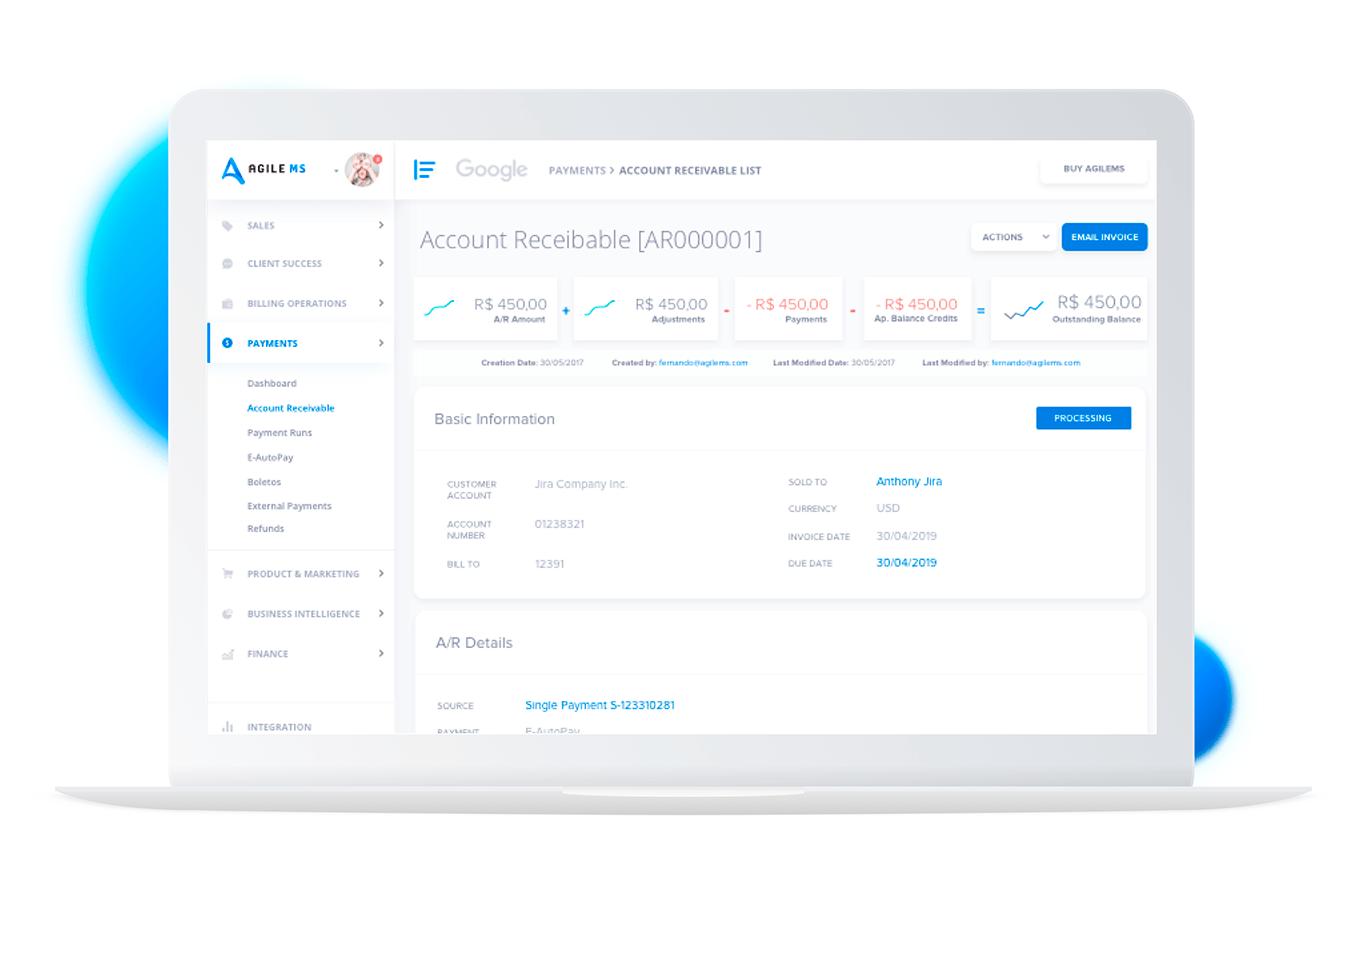 Imagem que ilustra o produto AgileMS, mostrando a tela de pagamentos.